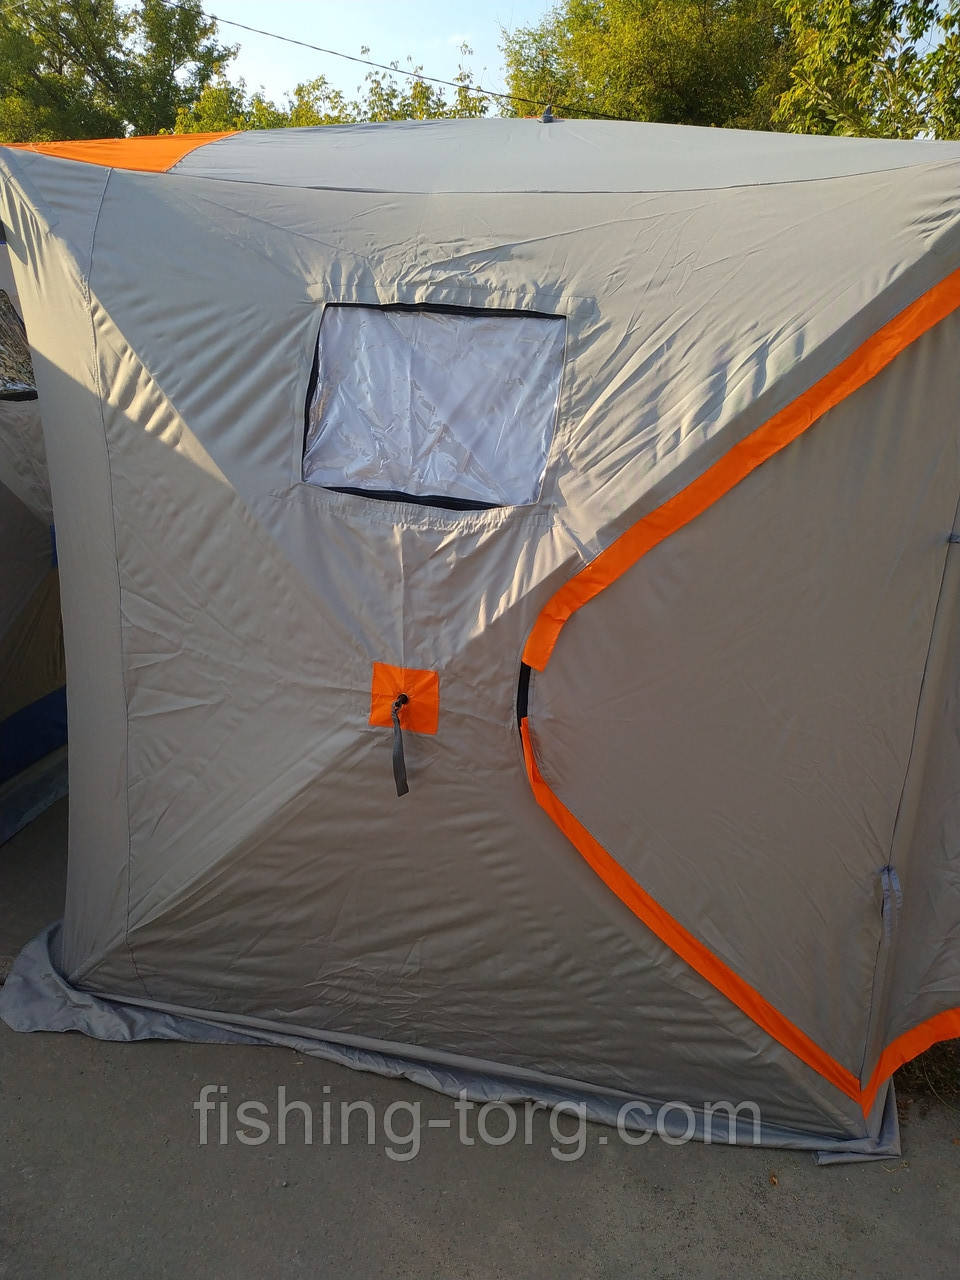 Палатка зимняя КУБ тип ATLANT 180 180 205 см универсальная без дна со сьемными силиконовыми окнами цвет серый